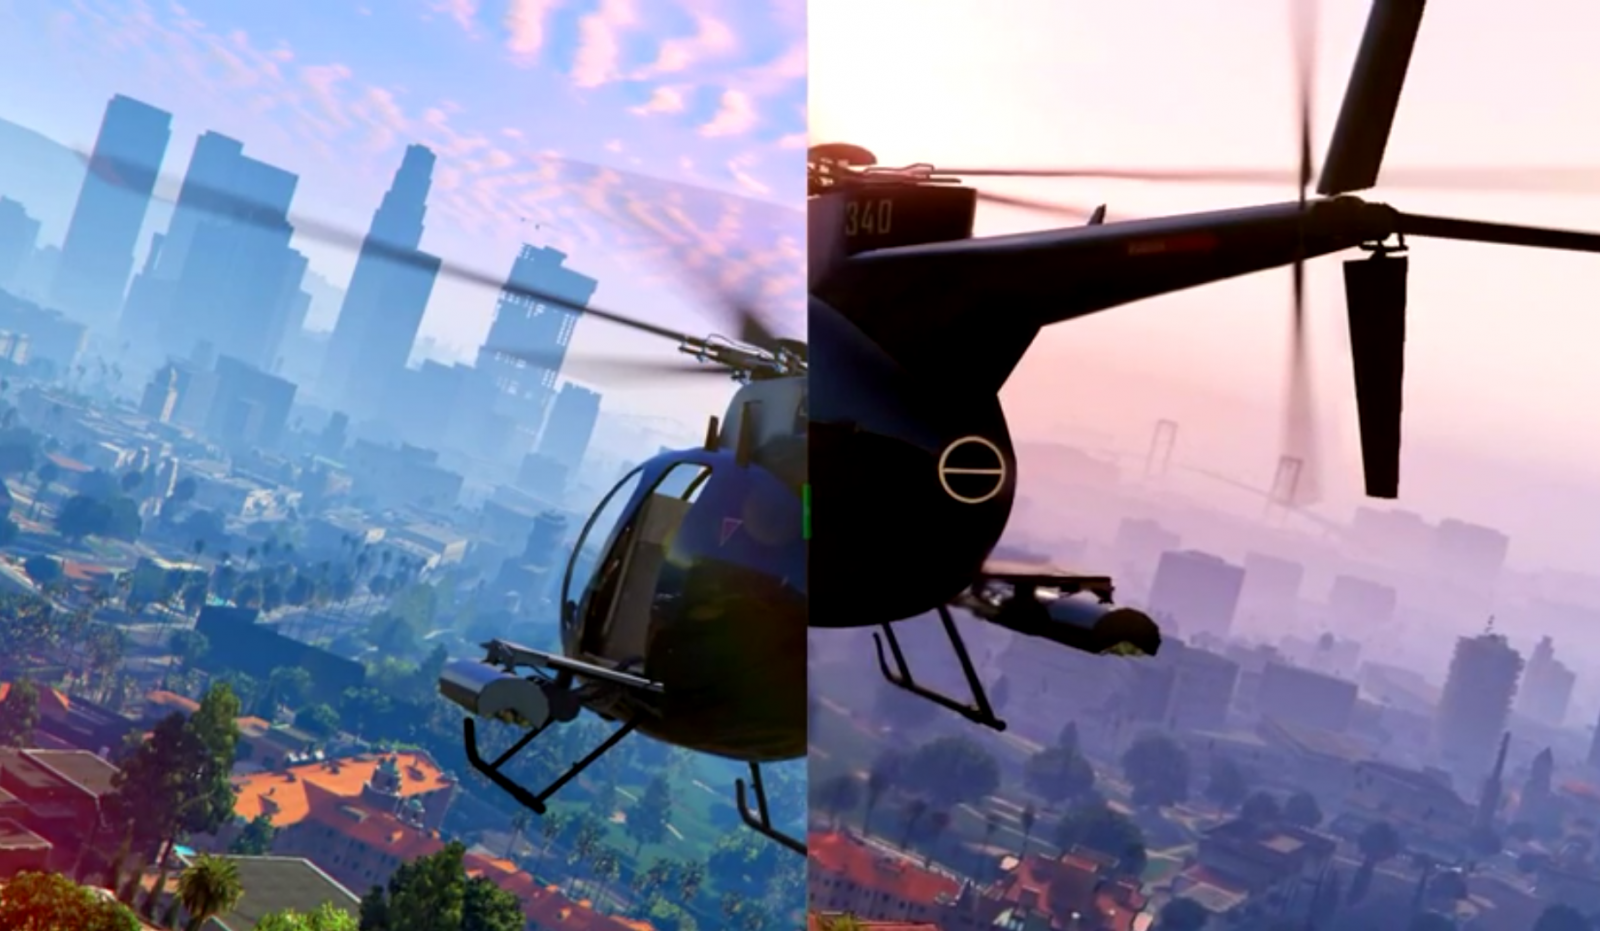 GTA V] GTA 5 PS4 vs PS3: Next-Gen Graphics Gameplay Comparison